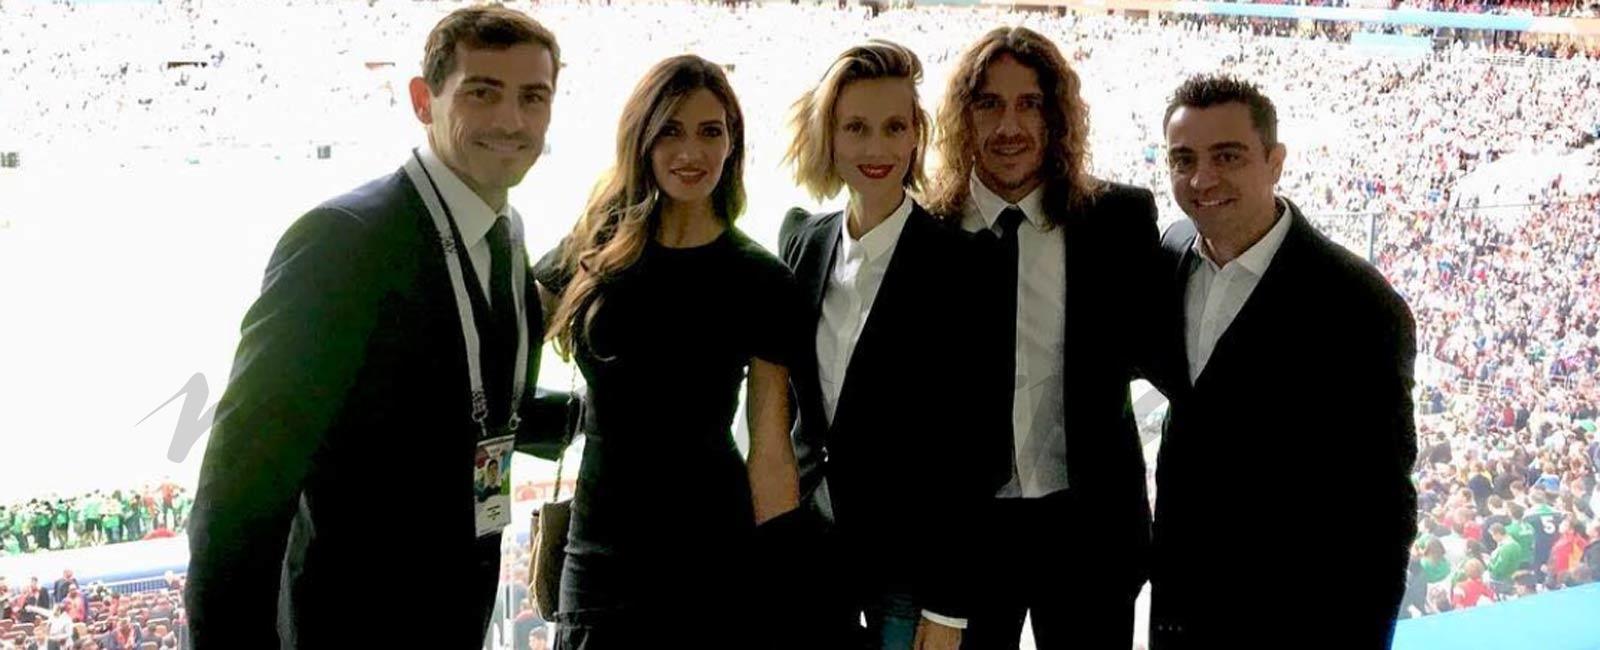 Sara Carbonero acompaña a Iker Casillas en la inauguración del Mundial de Rusia